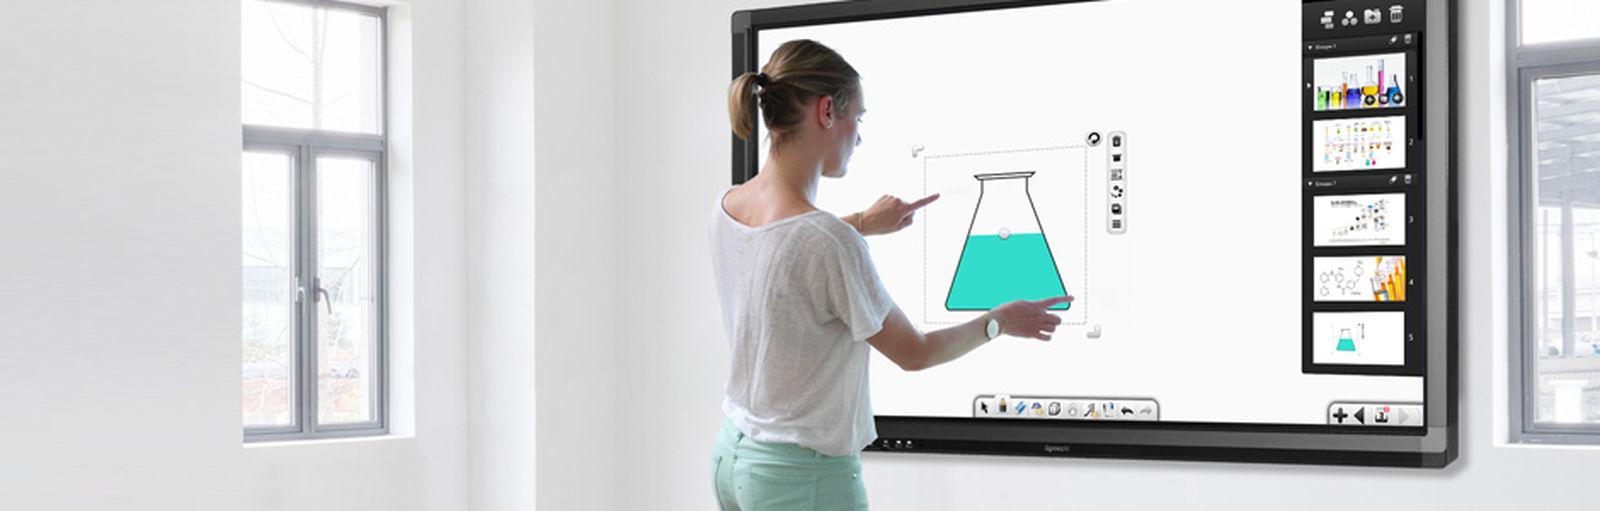 Un écran tactile qui s'adapte aux salles de cours mais aussi aux salles de réunion en entreprise. Les écrans intéractifs permettent une liberté de création bien plus avantageuse qu'avec un tableau blanc normal. Encore un produit ingénieux Made in France! Plus d'informations: https://www.speechi.net/fr/home/ecrans-interactifs/ecran-interactif-speechitouch-70/ Entreprises France Tableau écoleprimaire écrantactile